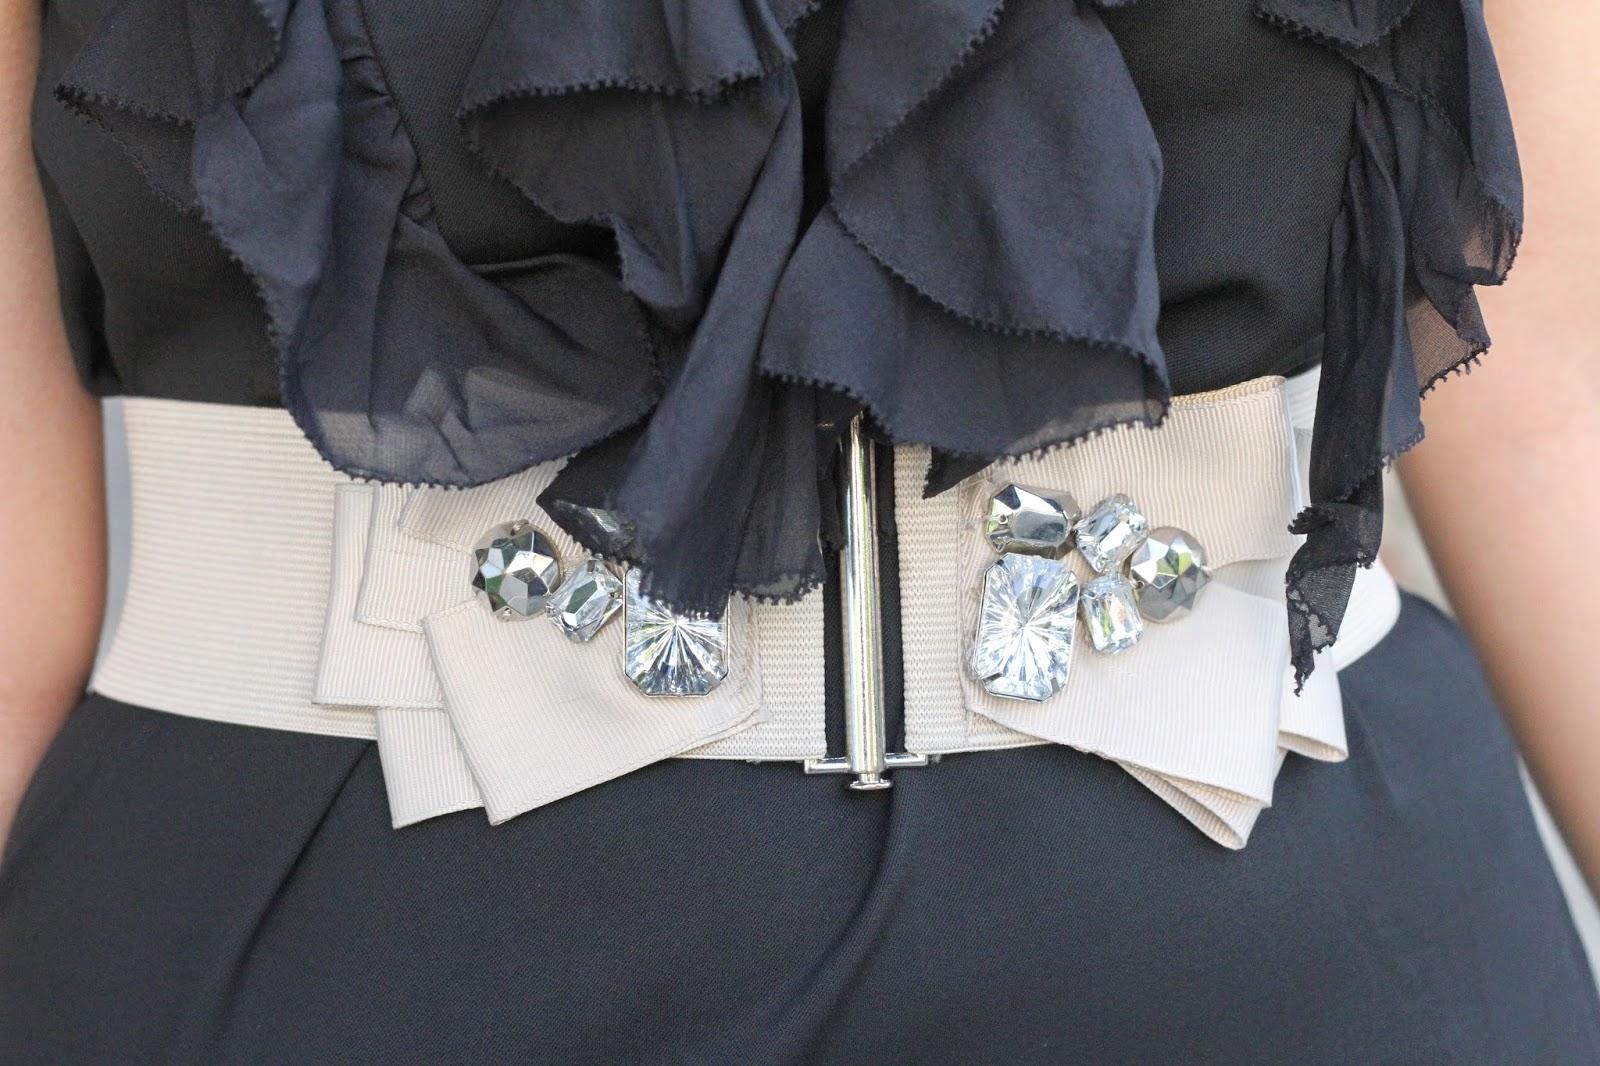 Ruffle Dress and Belt